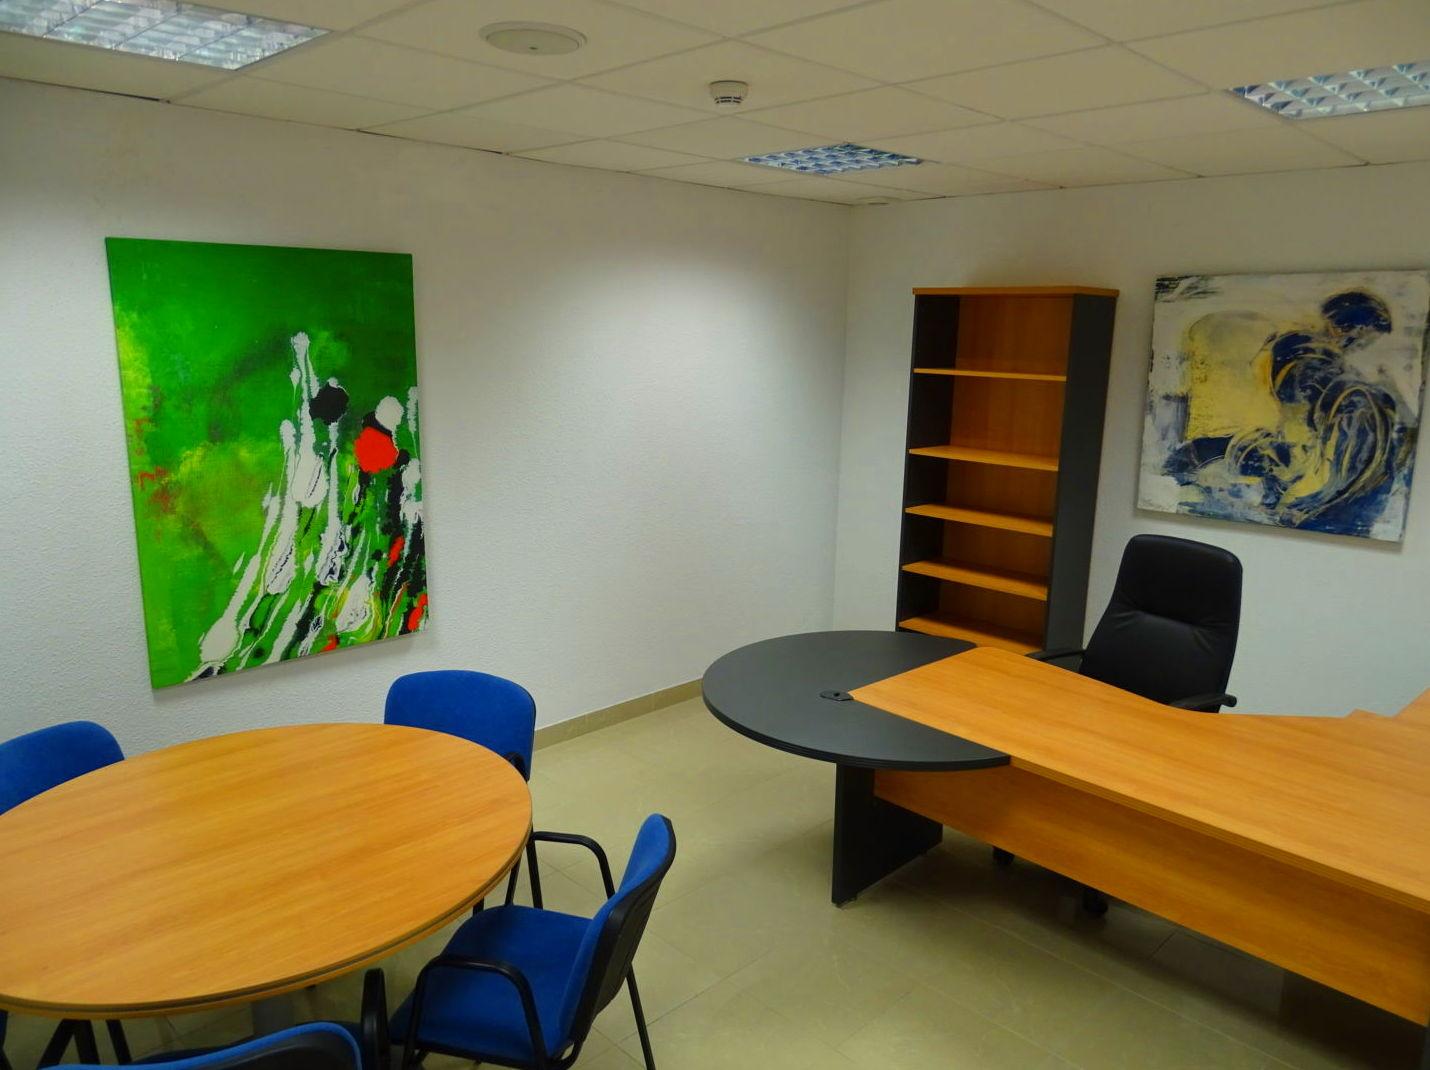 Foto 4 de Alquiler salas totalmente equipadas en Palma de Mallorca | Centro de negocios Son Castelló